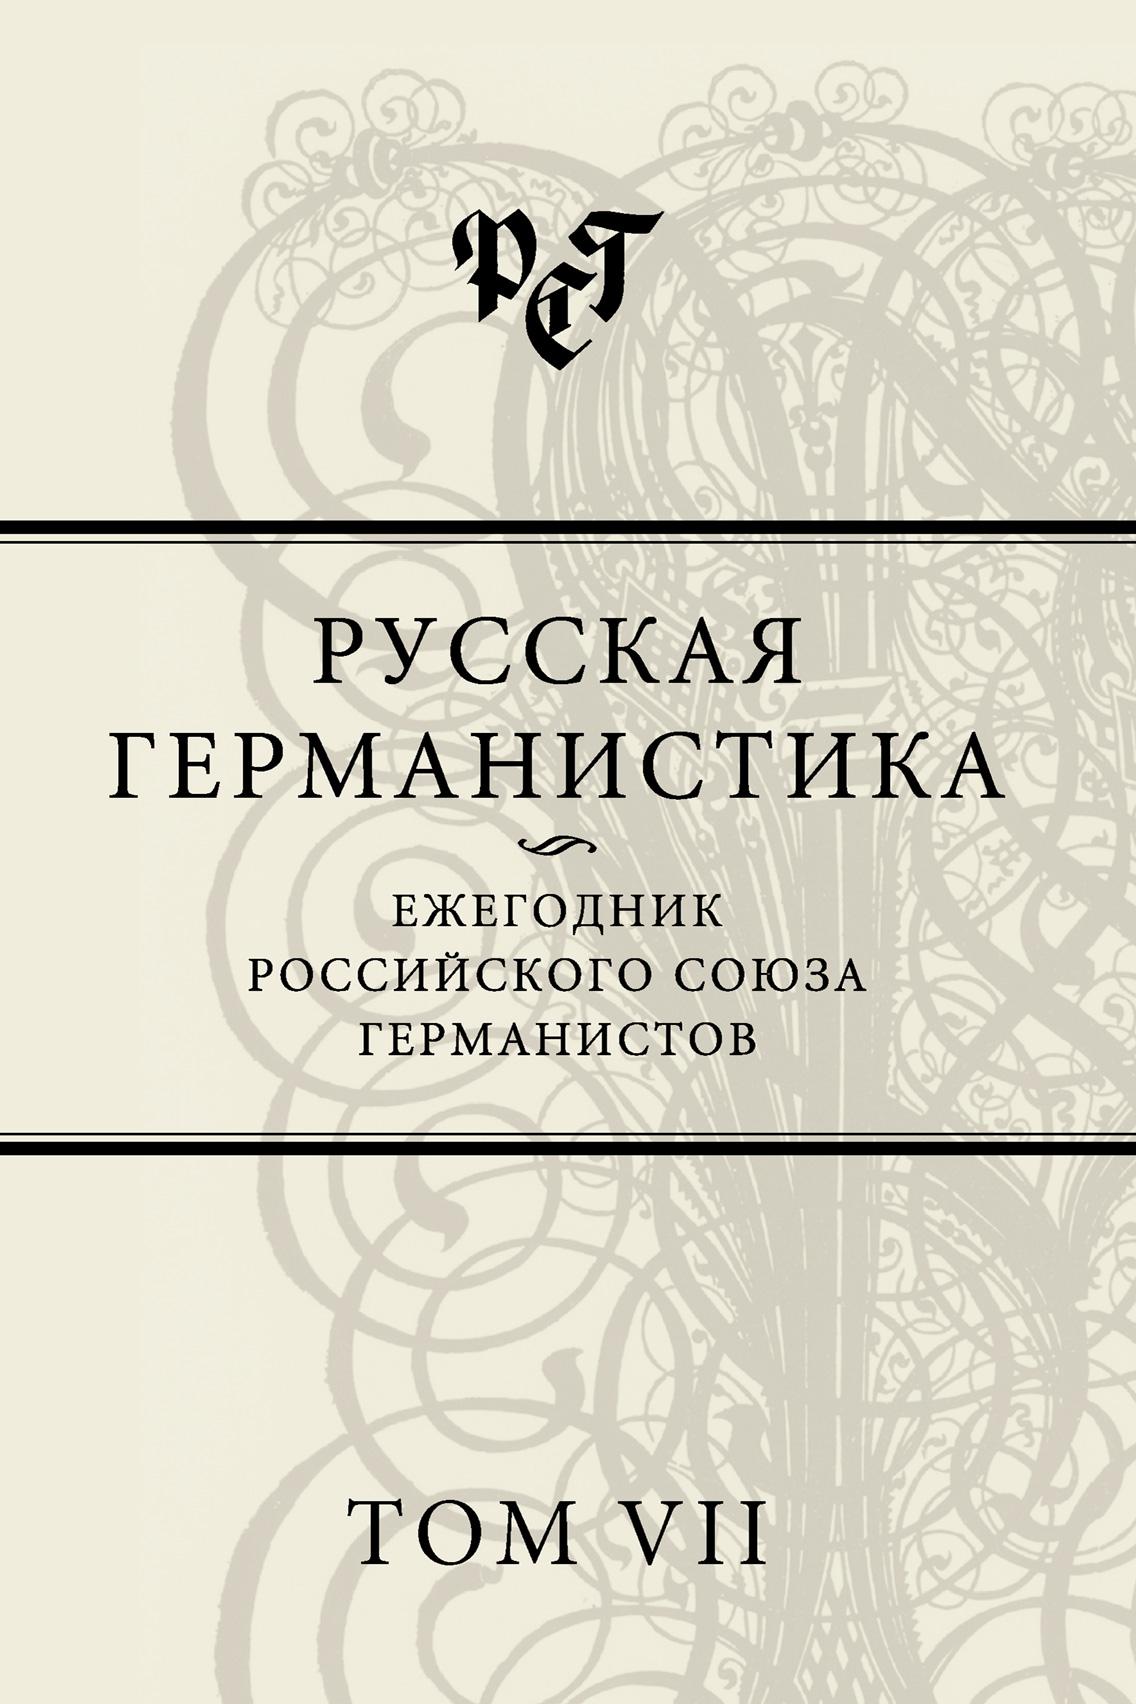 Русская германистика. Ежегодник Российского союза германистов. Том VII